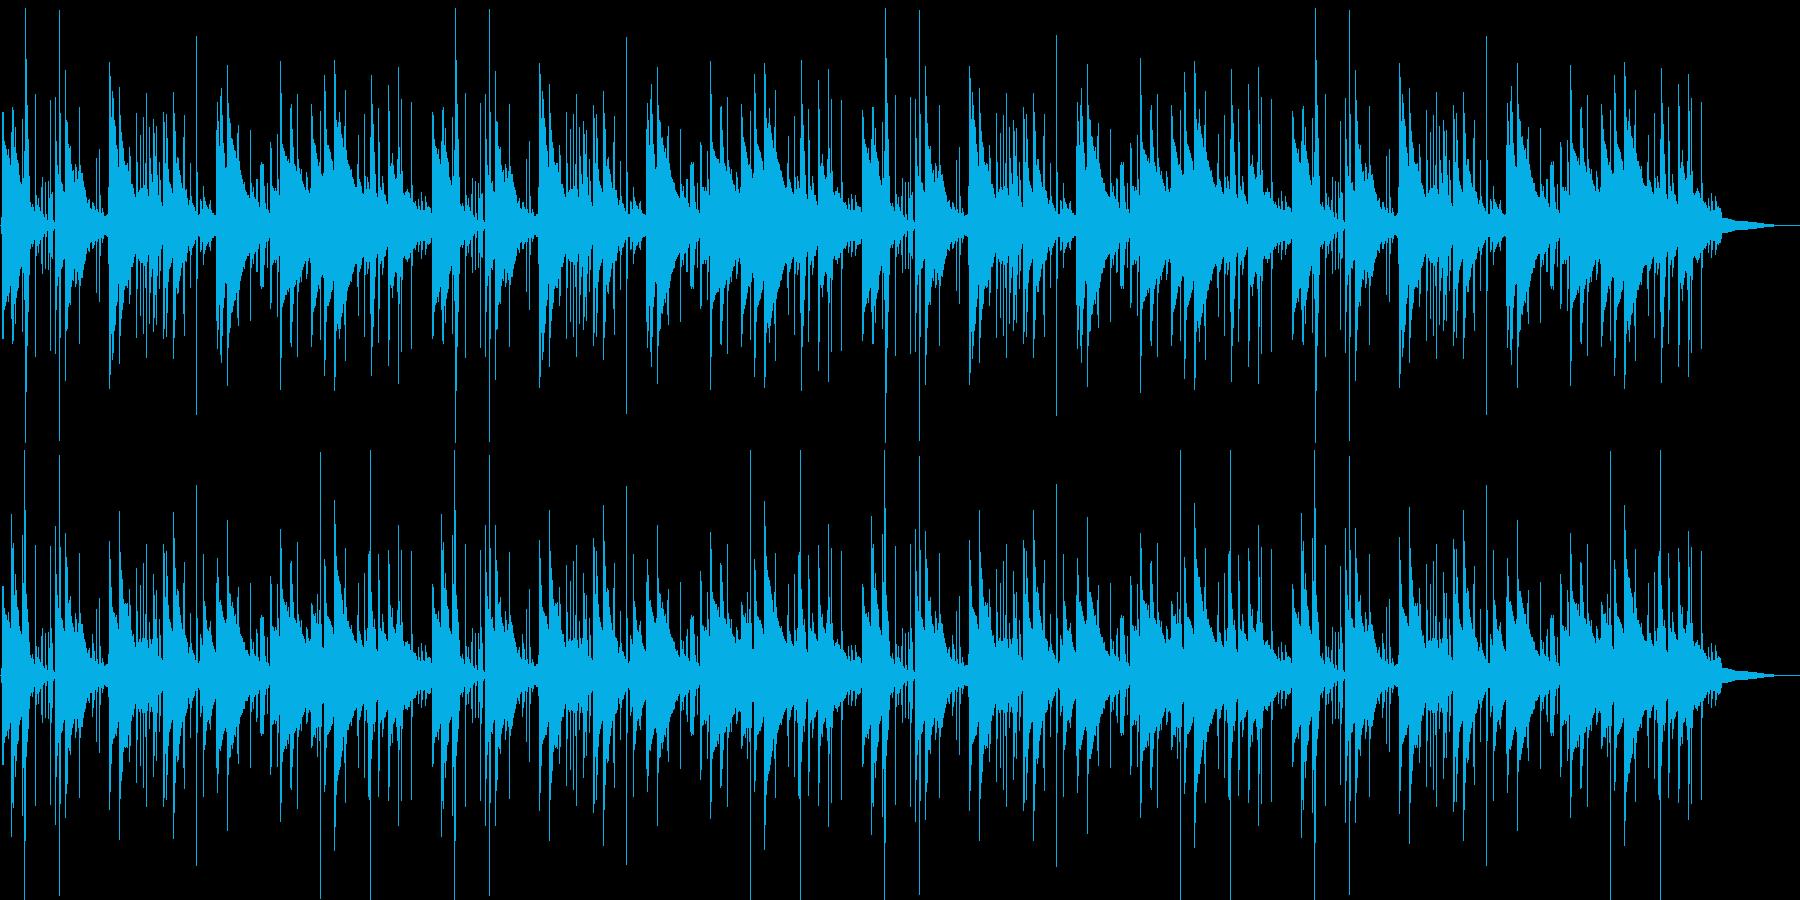 鉄琴とアコギの近代的なポップスの再生済みの波形